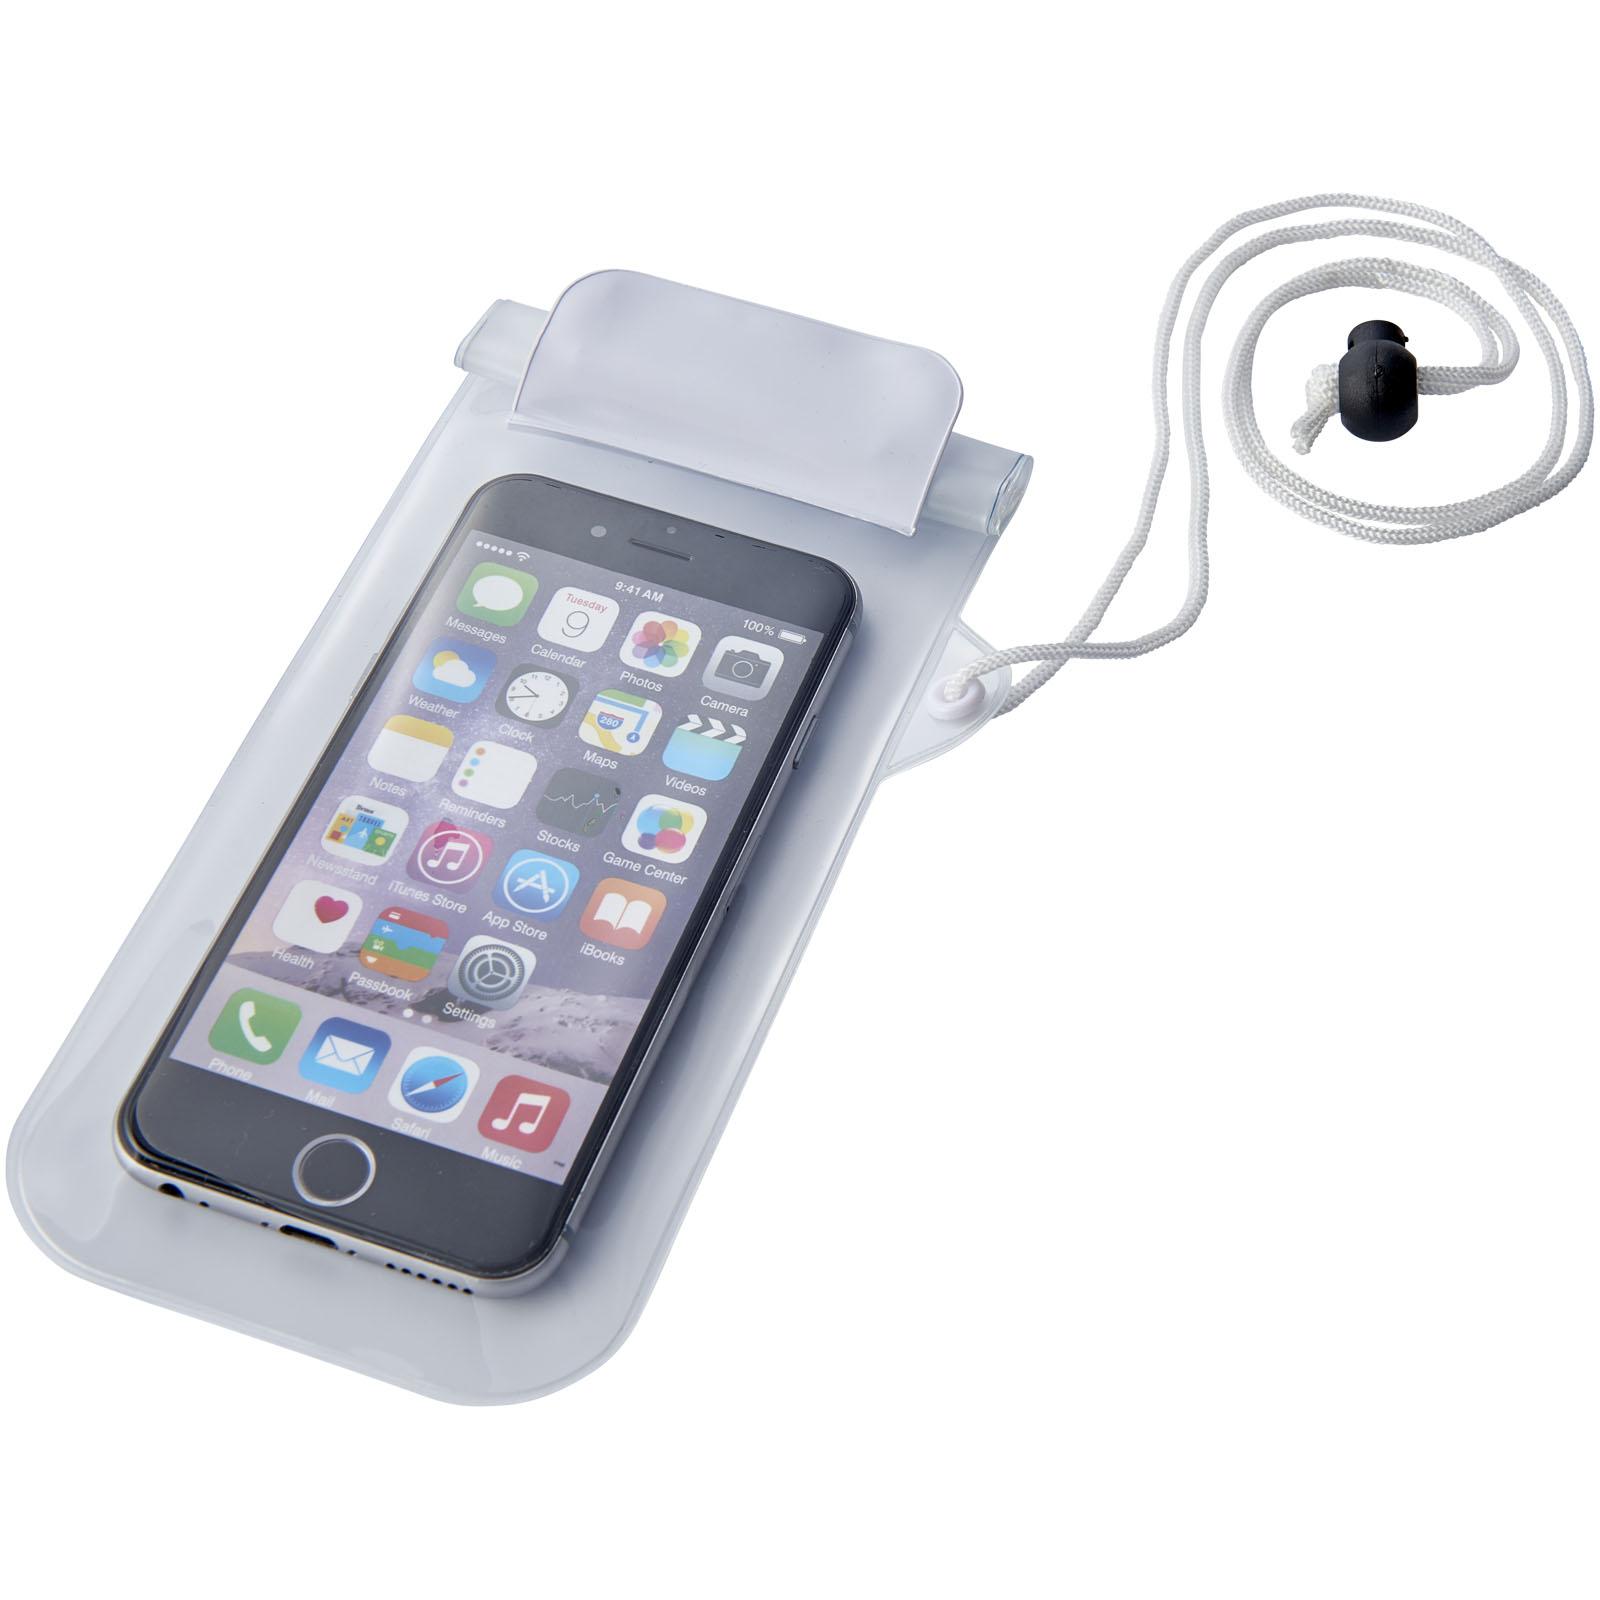 Husă de depozitare impermeabilă pentru smartphone Mambo (100498)